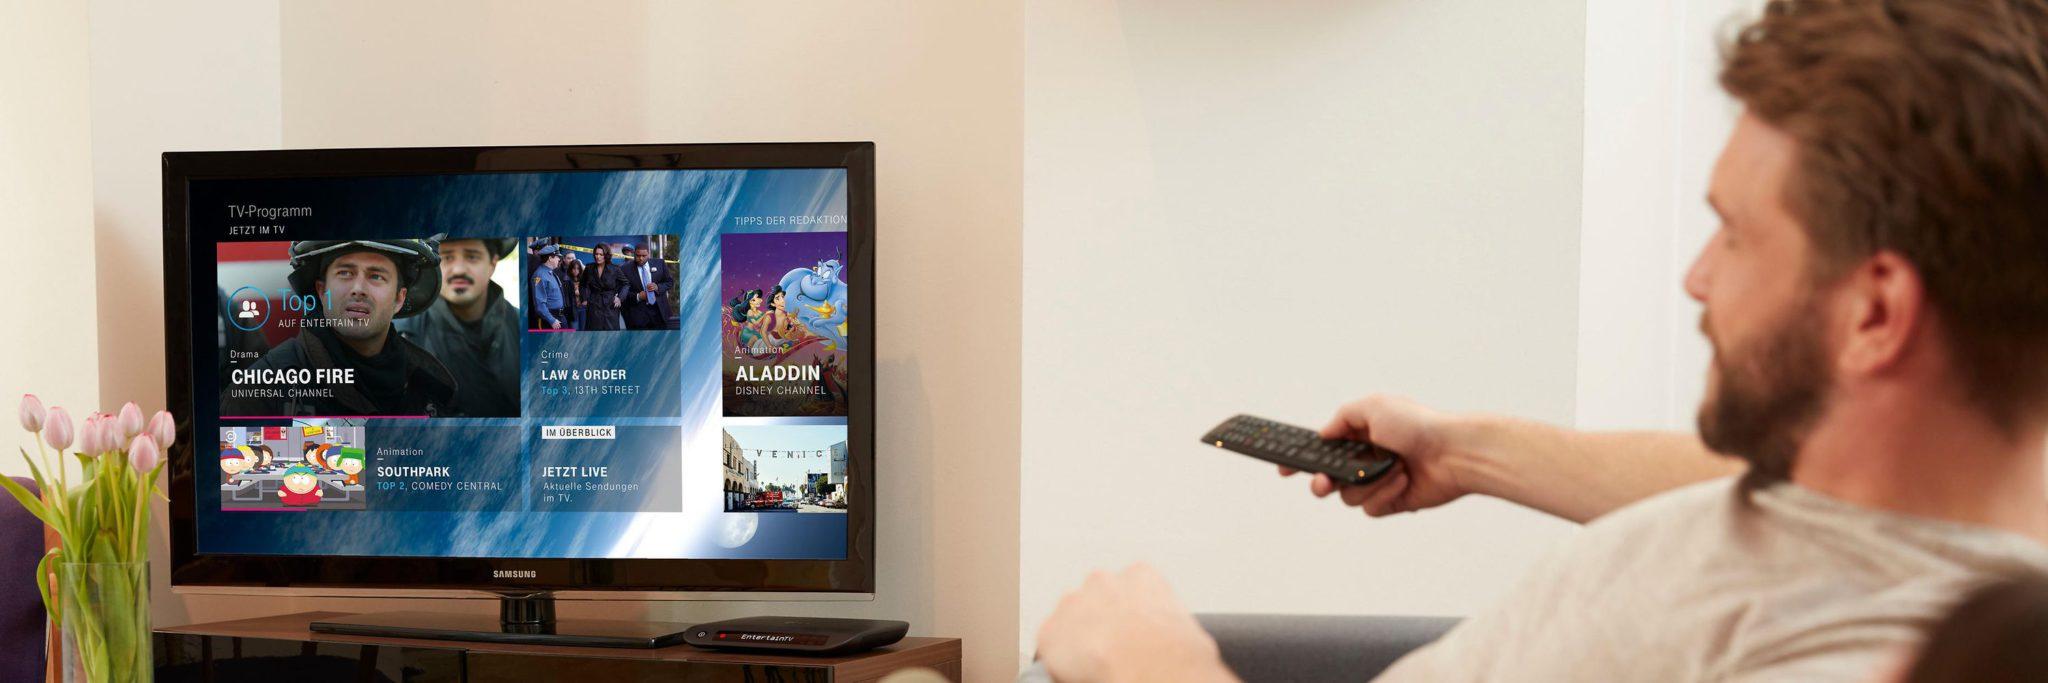 T-Entertain, das IPTV-Angebot der Deutschen Telekom, bietet zwar ein stabiles Bild, zeigt die Tore aber nicht als Erster (Bild: Telekom)